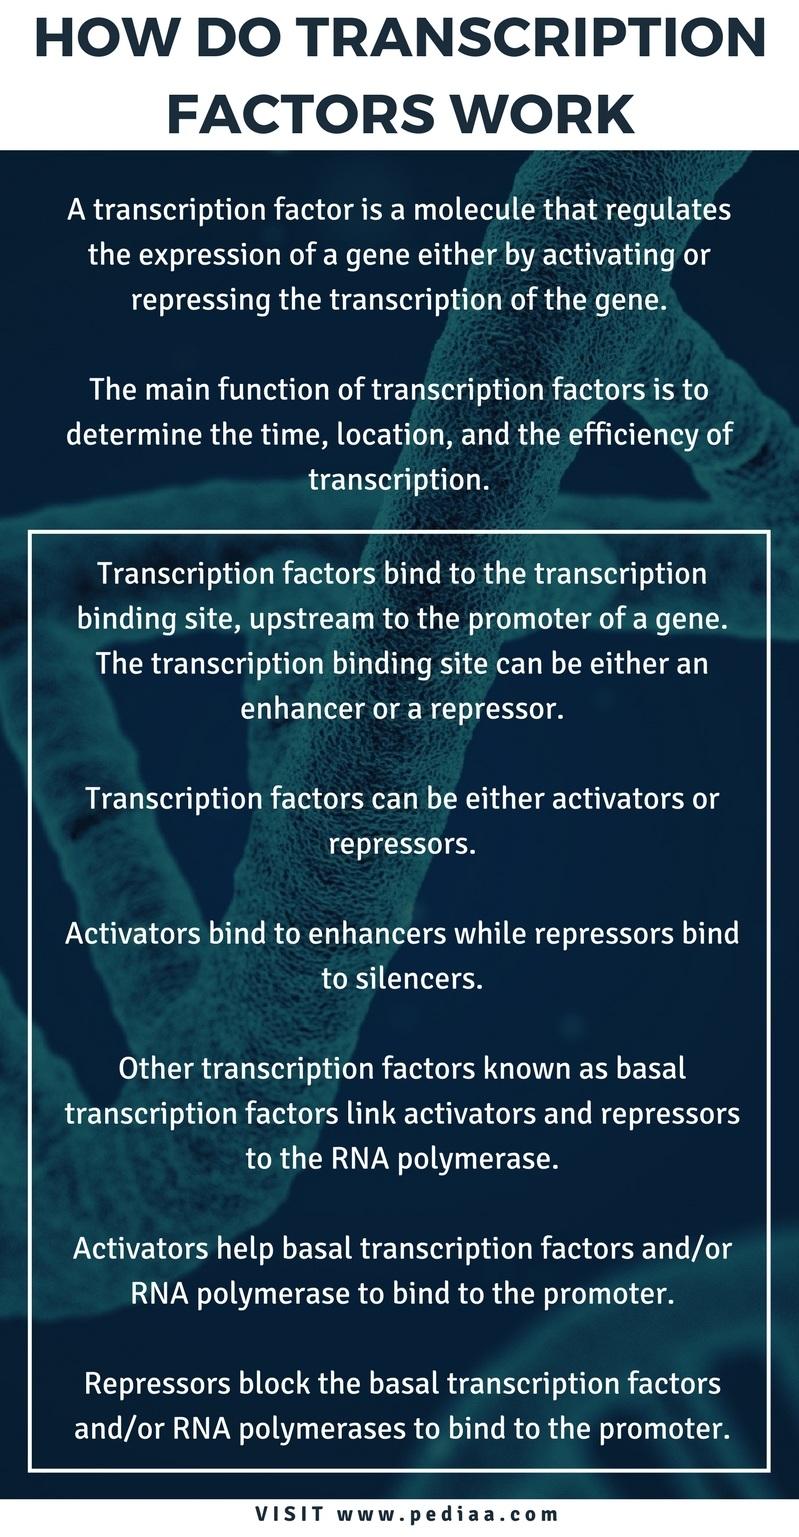 How Do Transcription Factors Work - Infograph